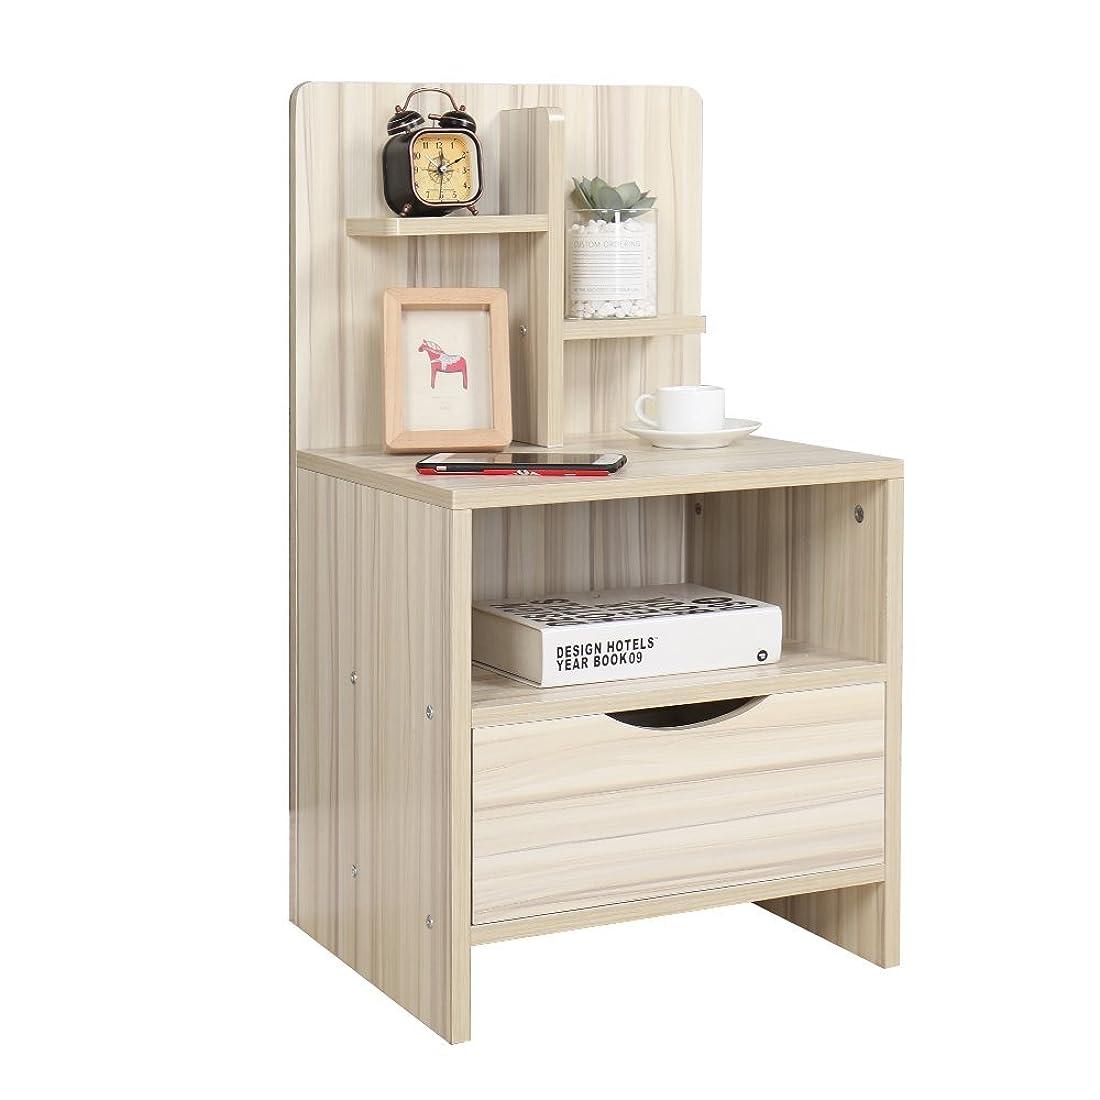 野望既に慎重ぼん家具 サイドテーブル ベッドサイドテーブル ソファーテーブル ナイトテーブル コンパクトテーブル ナチュラル